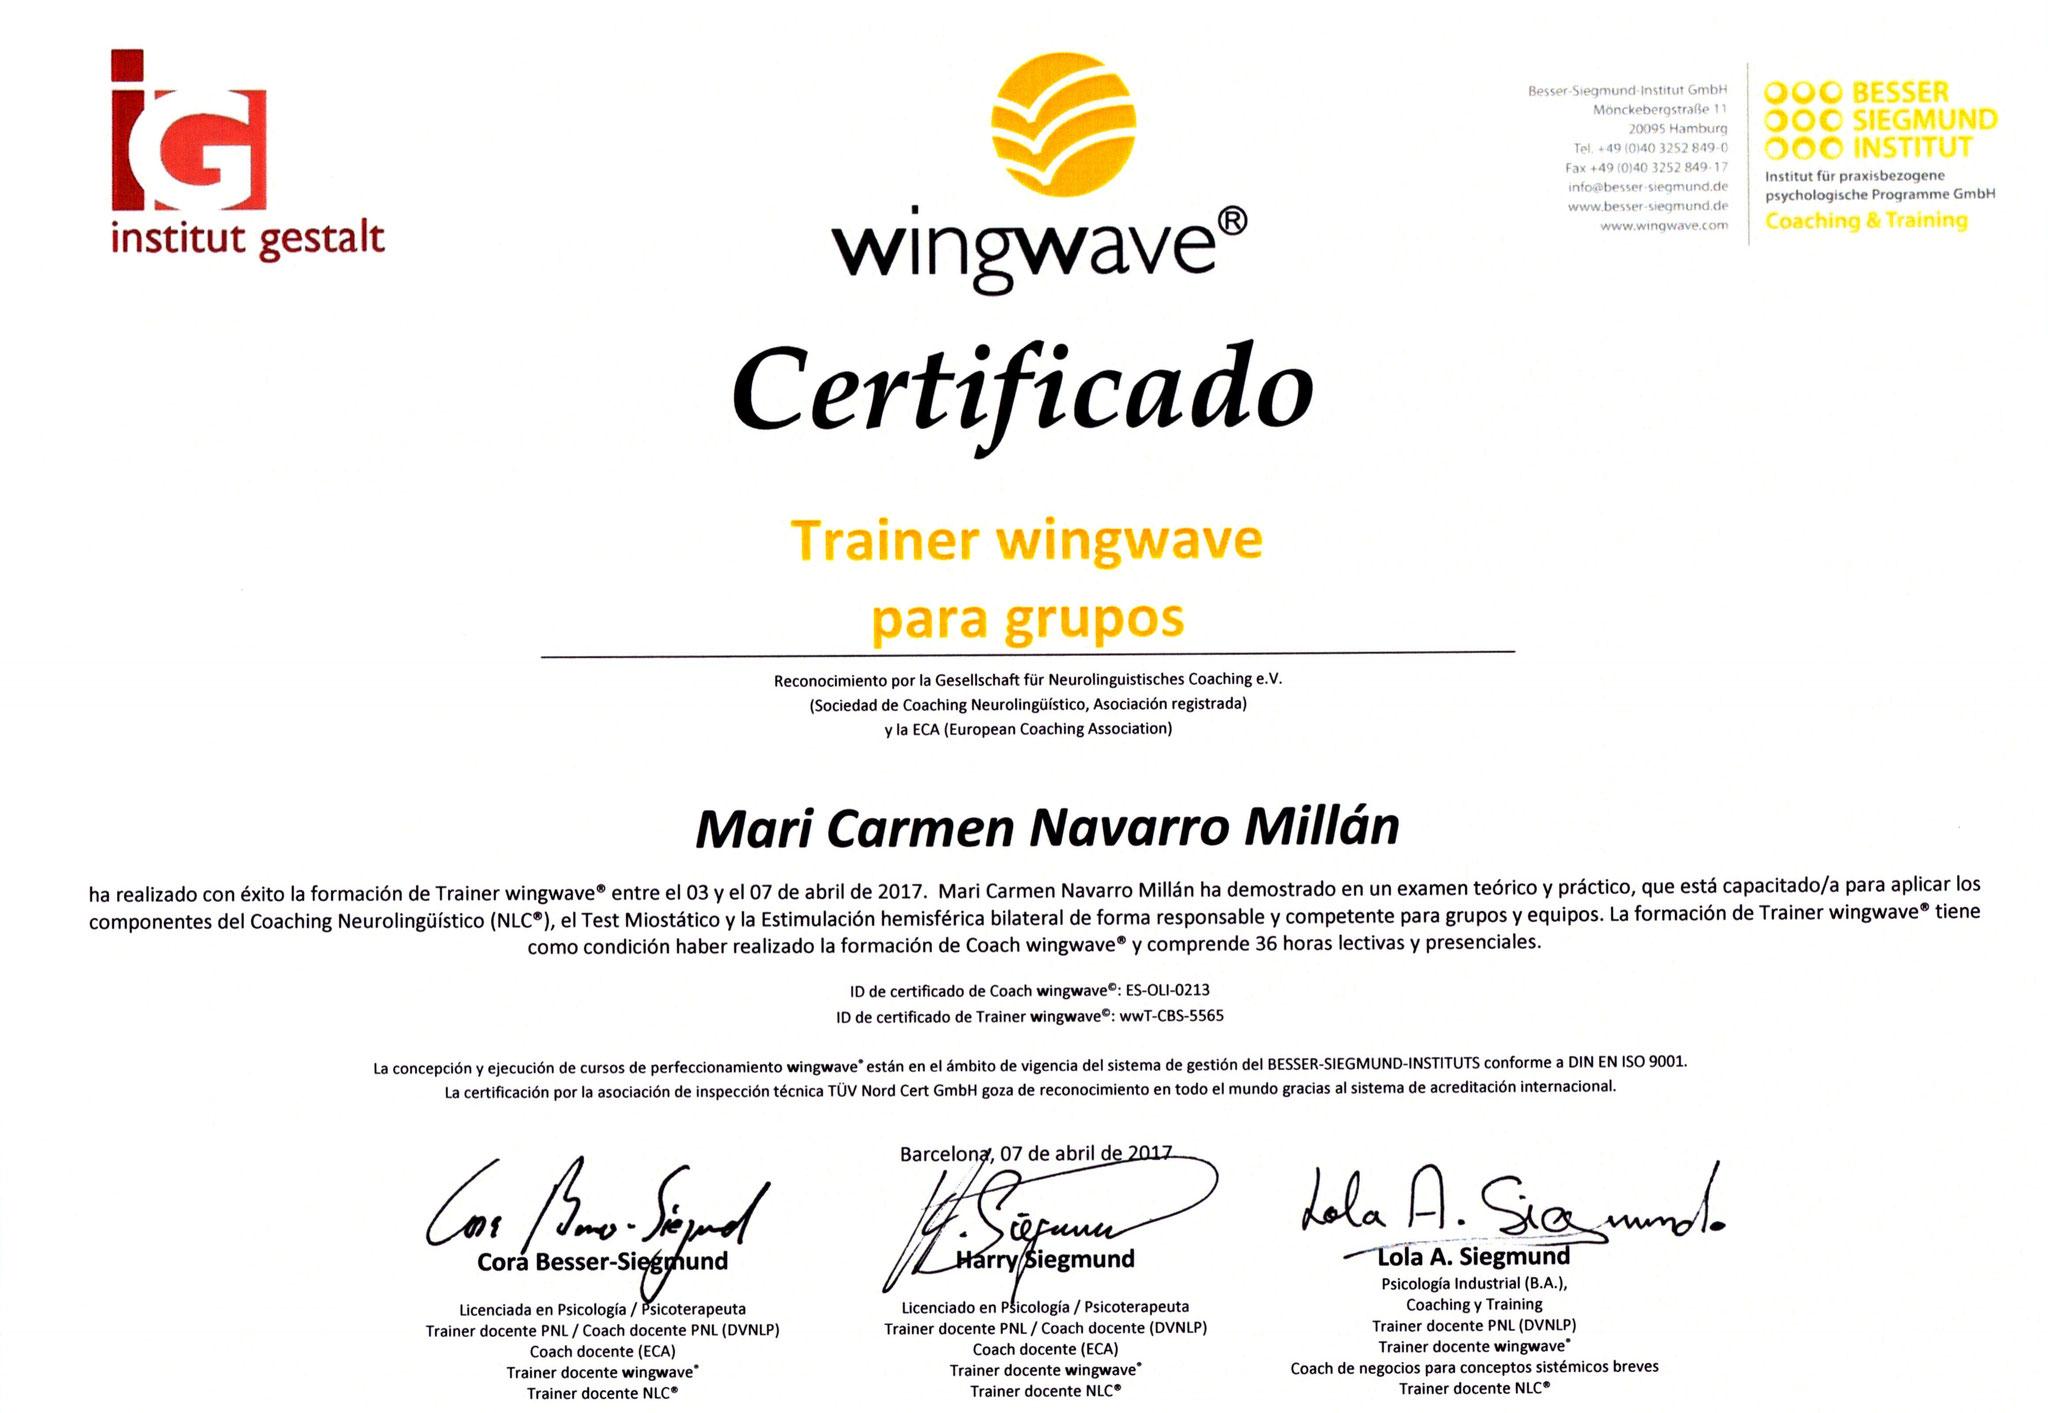 Certificada en trainer wingwave® para grupos